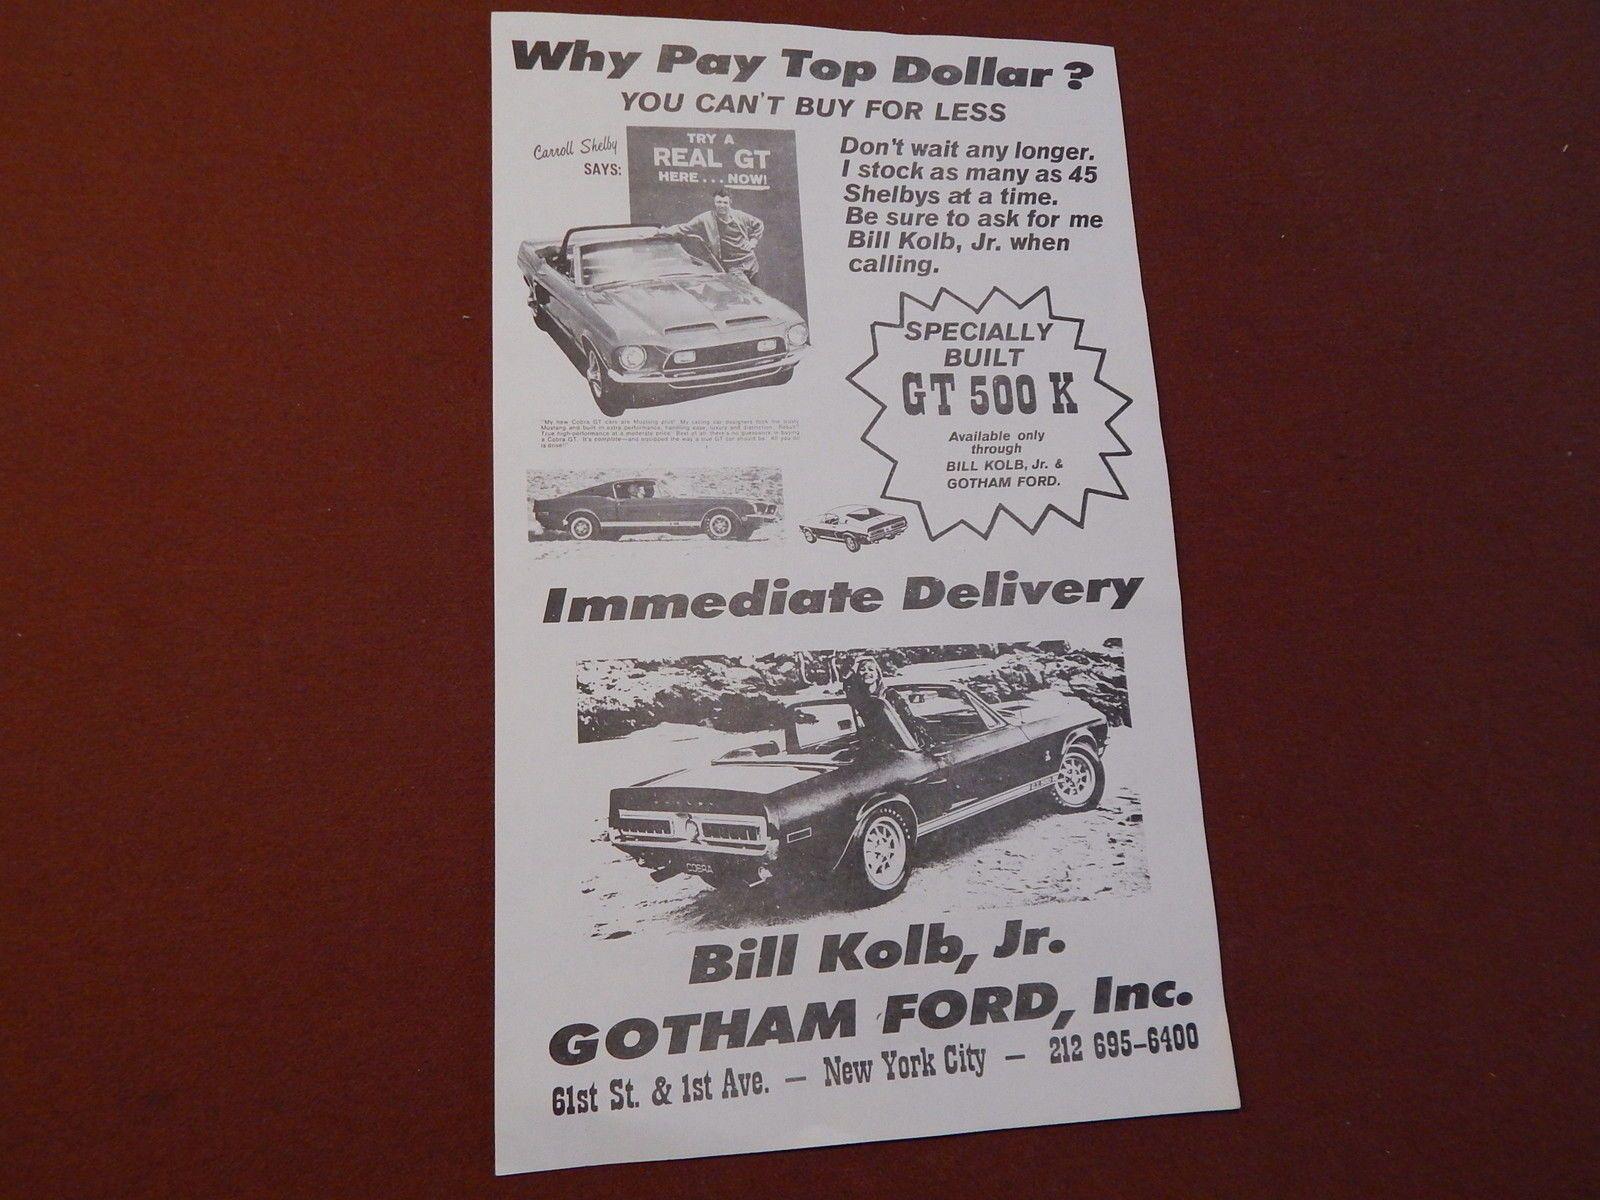 1968 mustang shelby original gotham ford dealer sale brochure flyer